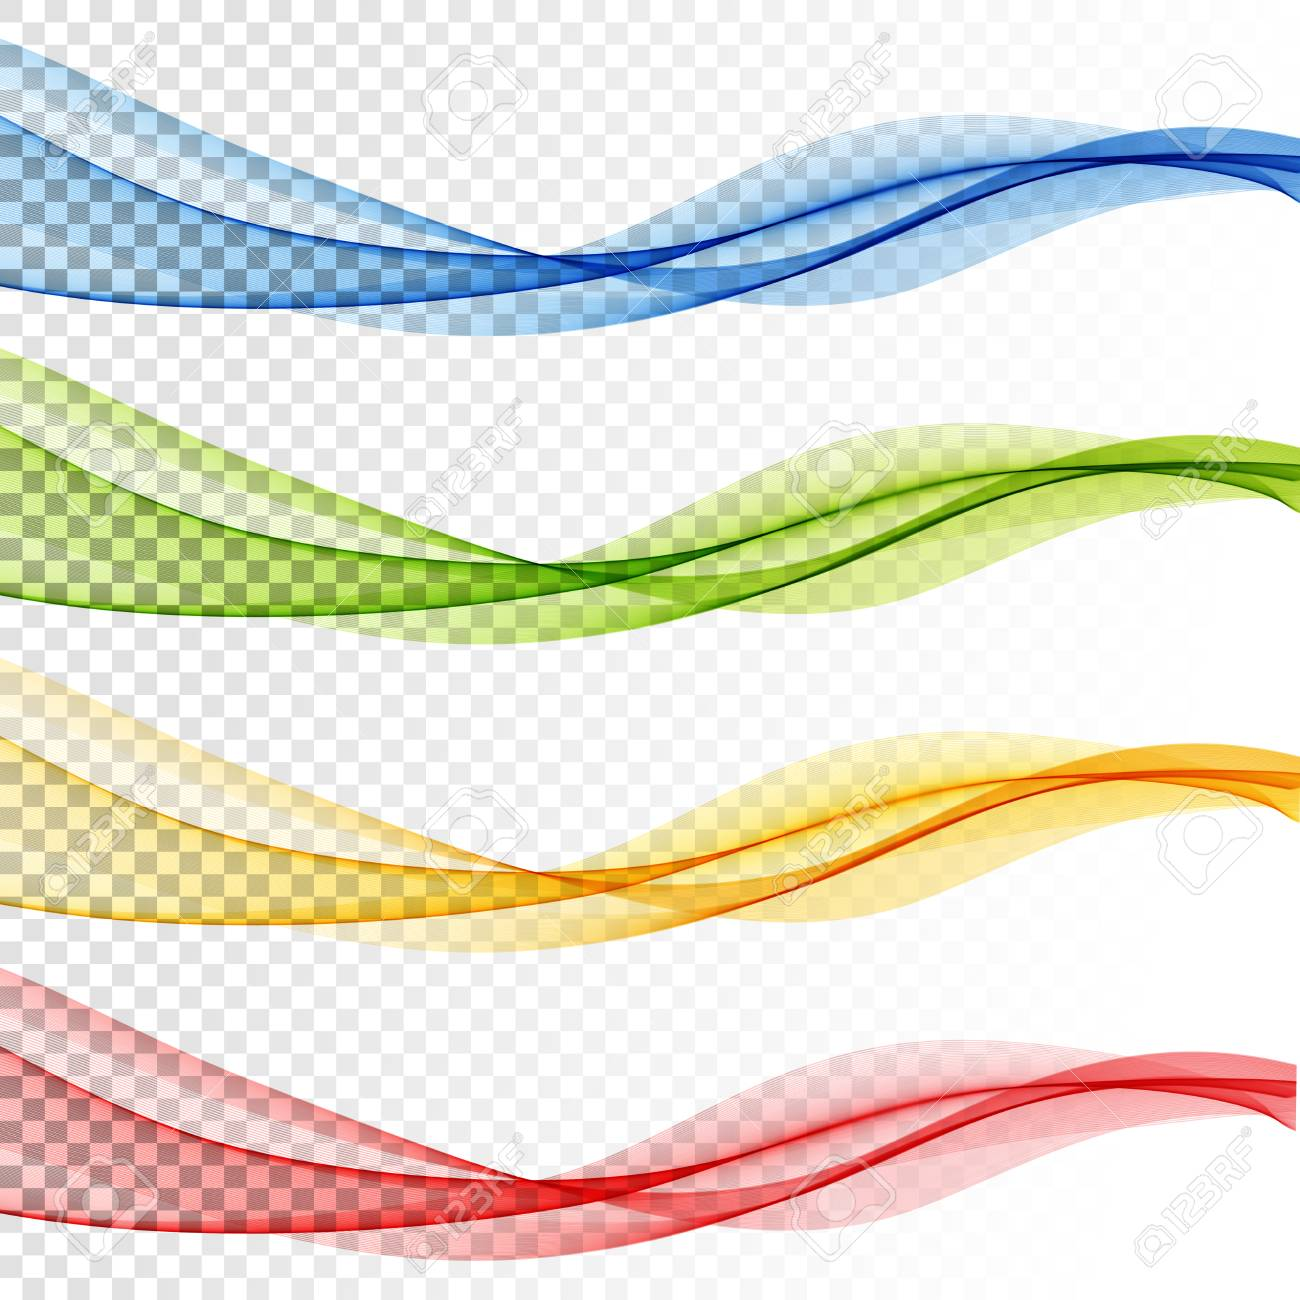 Set of Abstract vector wave, color flow waved lines for brochure, website, flyer design. Transparent smooth wave - 128441534